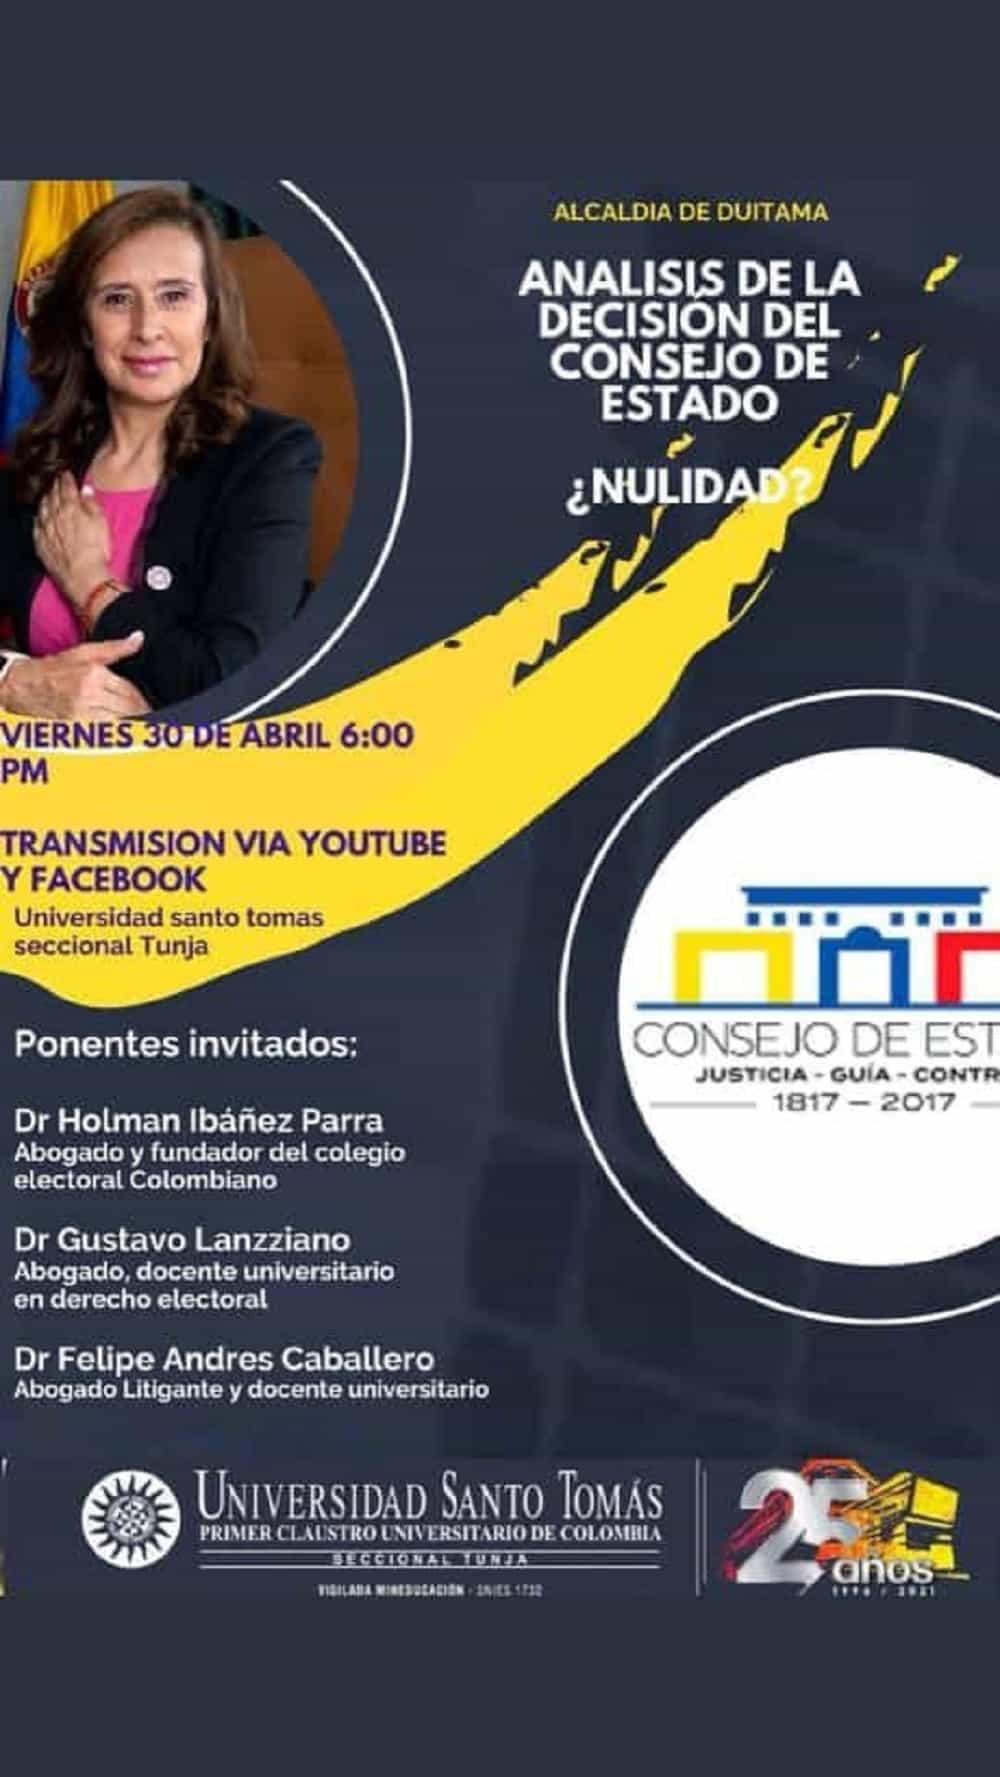 En la Santoto Tunja analizarán nulidad de la elección de alcaldesa de Duitama #Tolditos7días 1